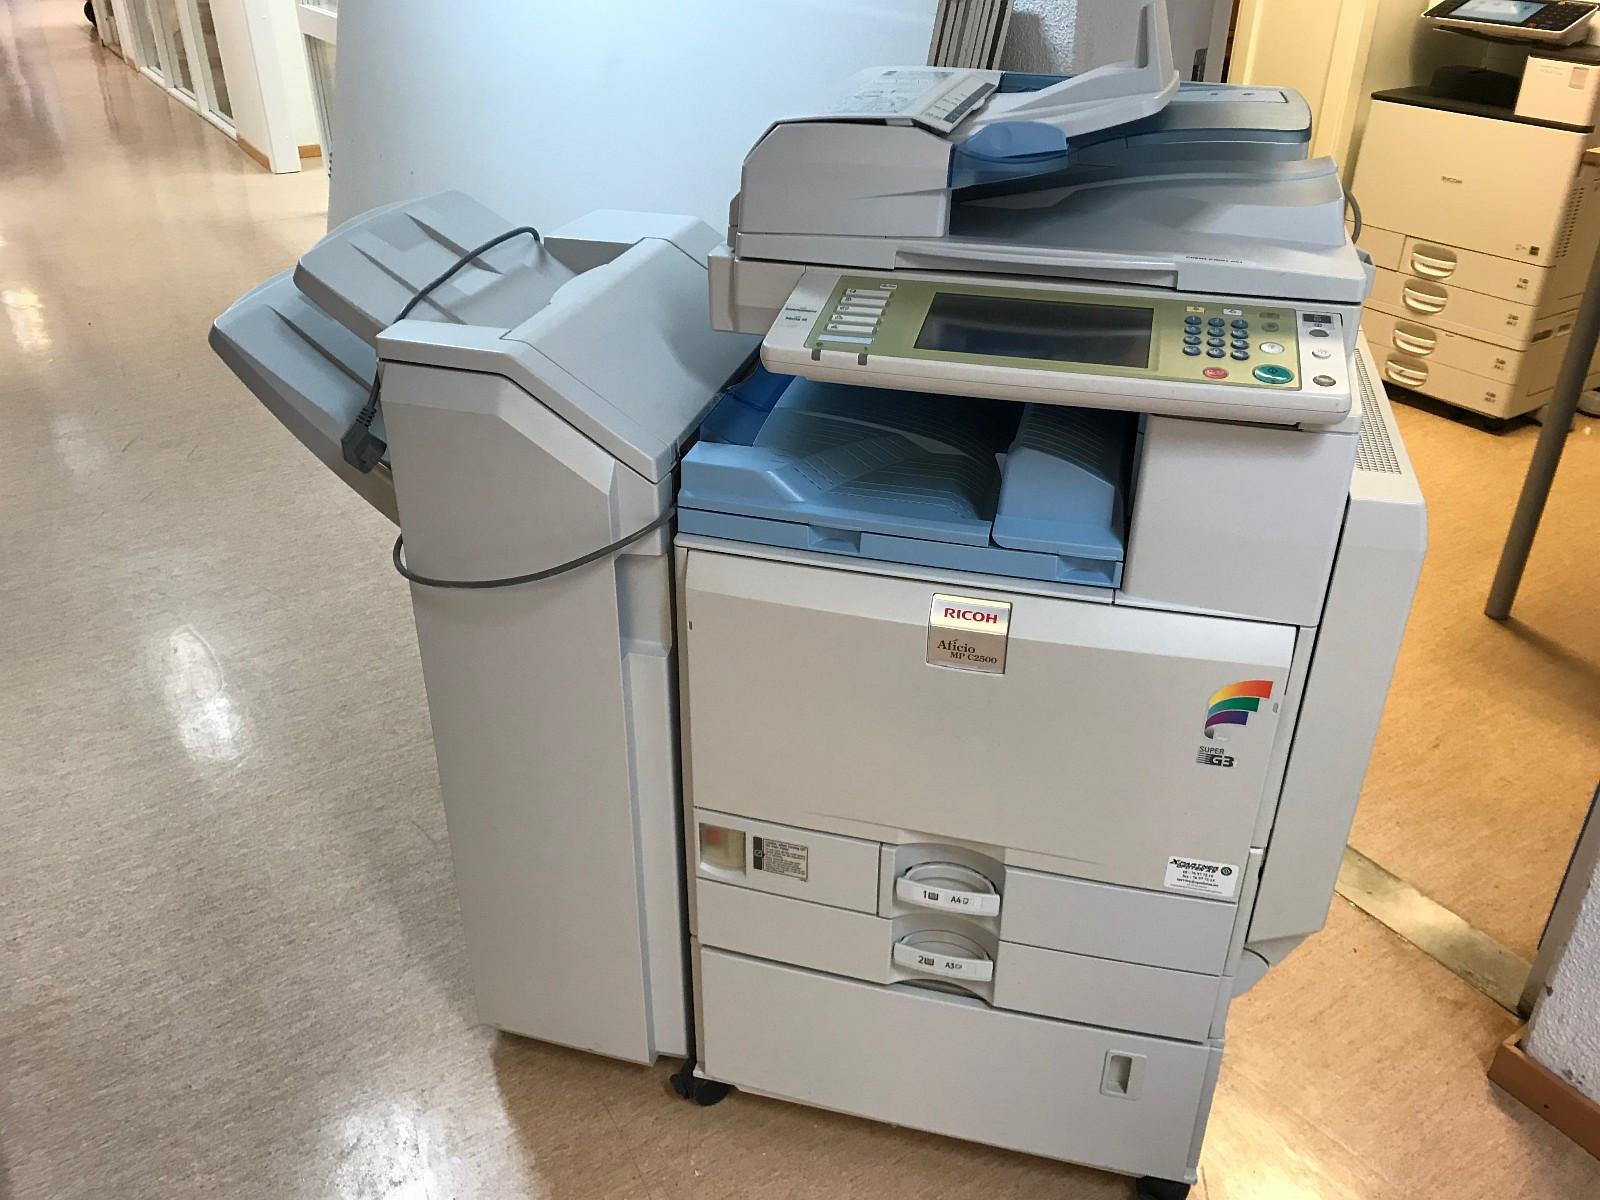 Scanner / Printer / Kopimaskin - Narvik  - Ricoh mulitimaskin Aficio MP C2500 gis bort mot henting. Kan kobles mot nett og fungere som nettverksskriver, scanne til epost m.v. Farge og Sort Hvitt. Maskinen har ikke vært i bruk på en stund, men fungerte sist gang den var i bruk. Må hen - Narvik